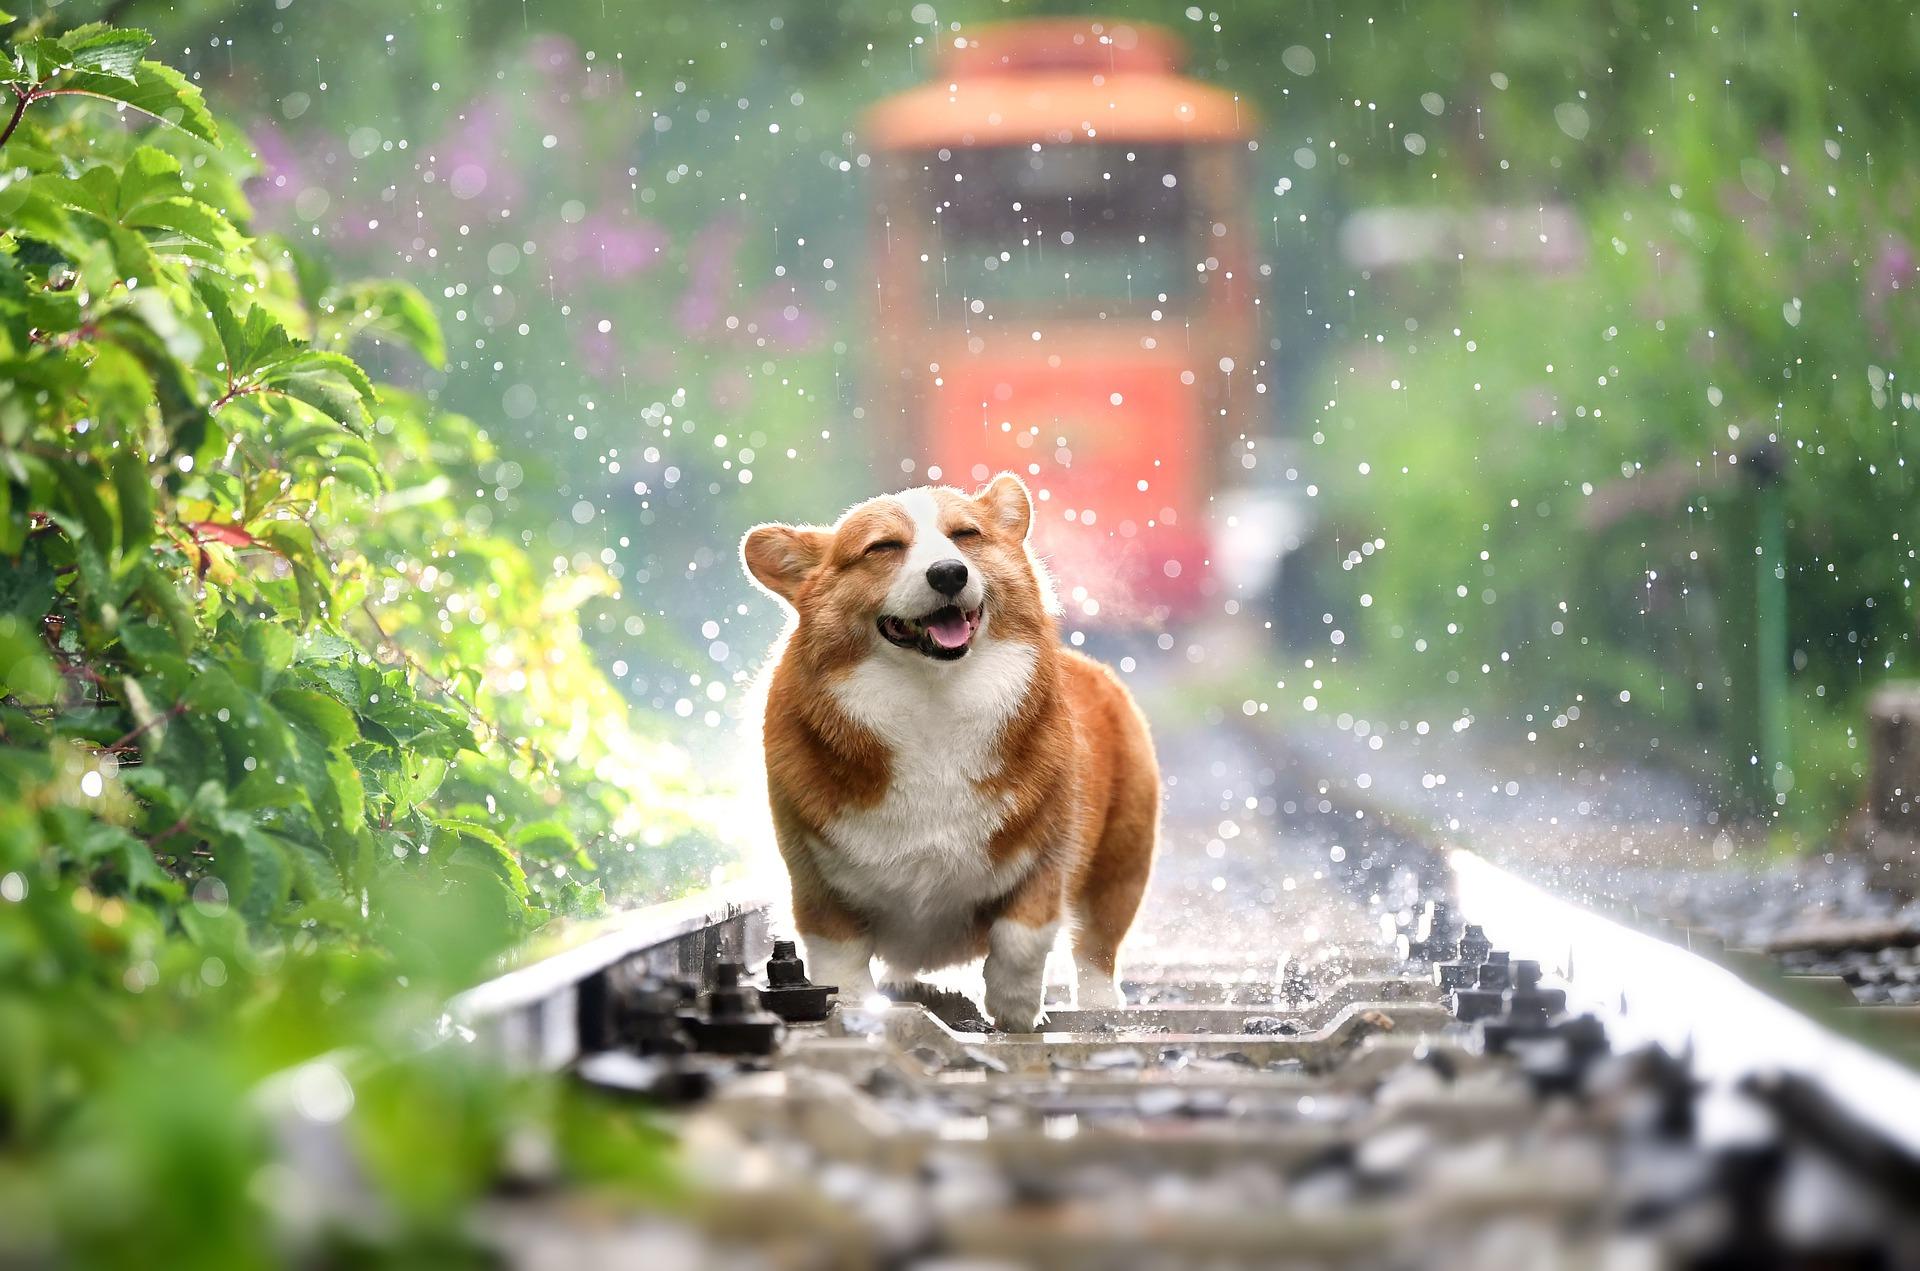 犬が甘えん坊で可愛い!甘えん坊な犬種から仕草まで紹介します